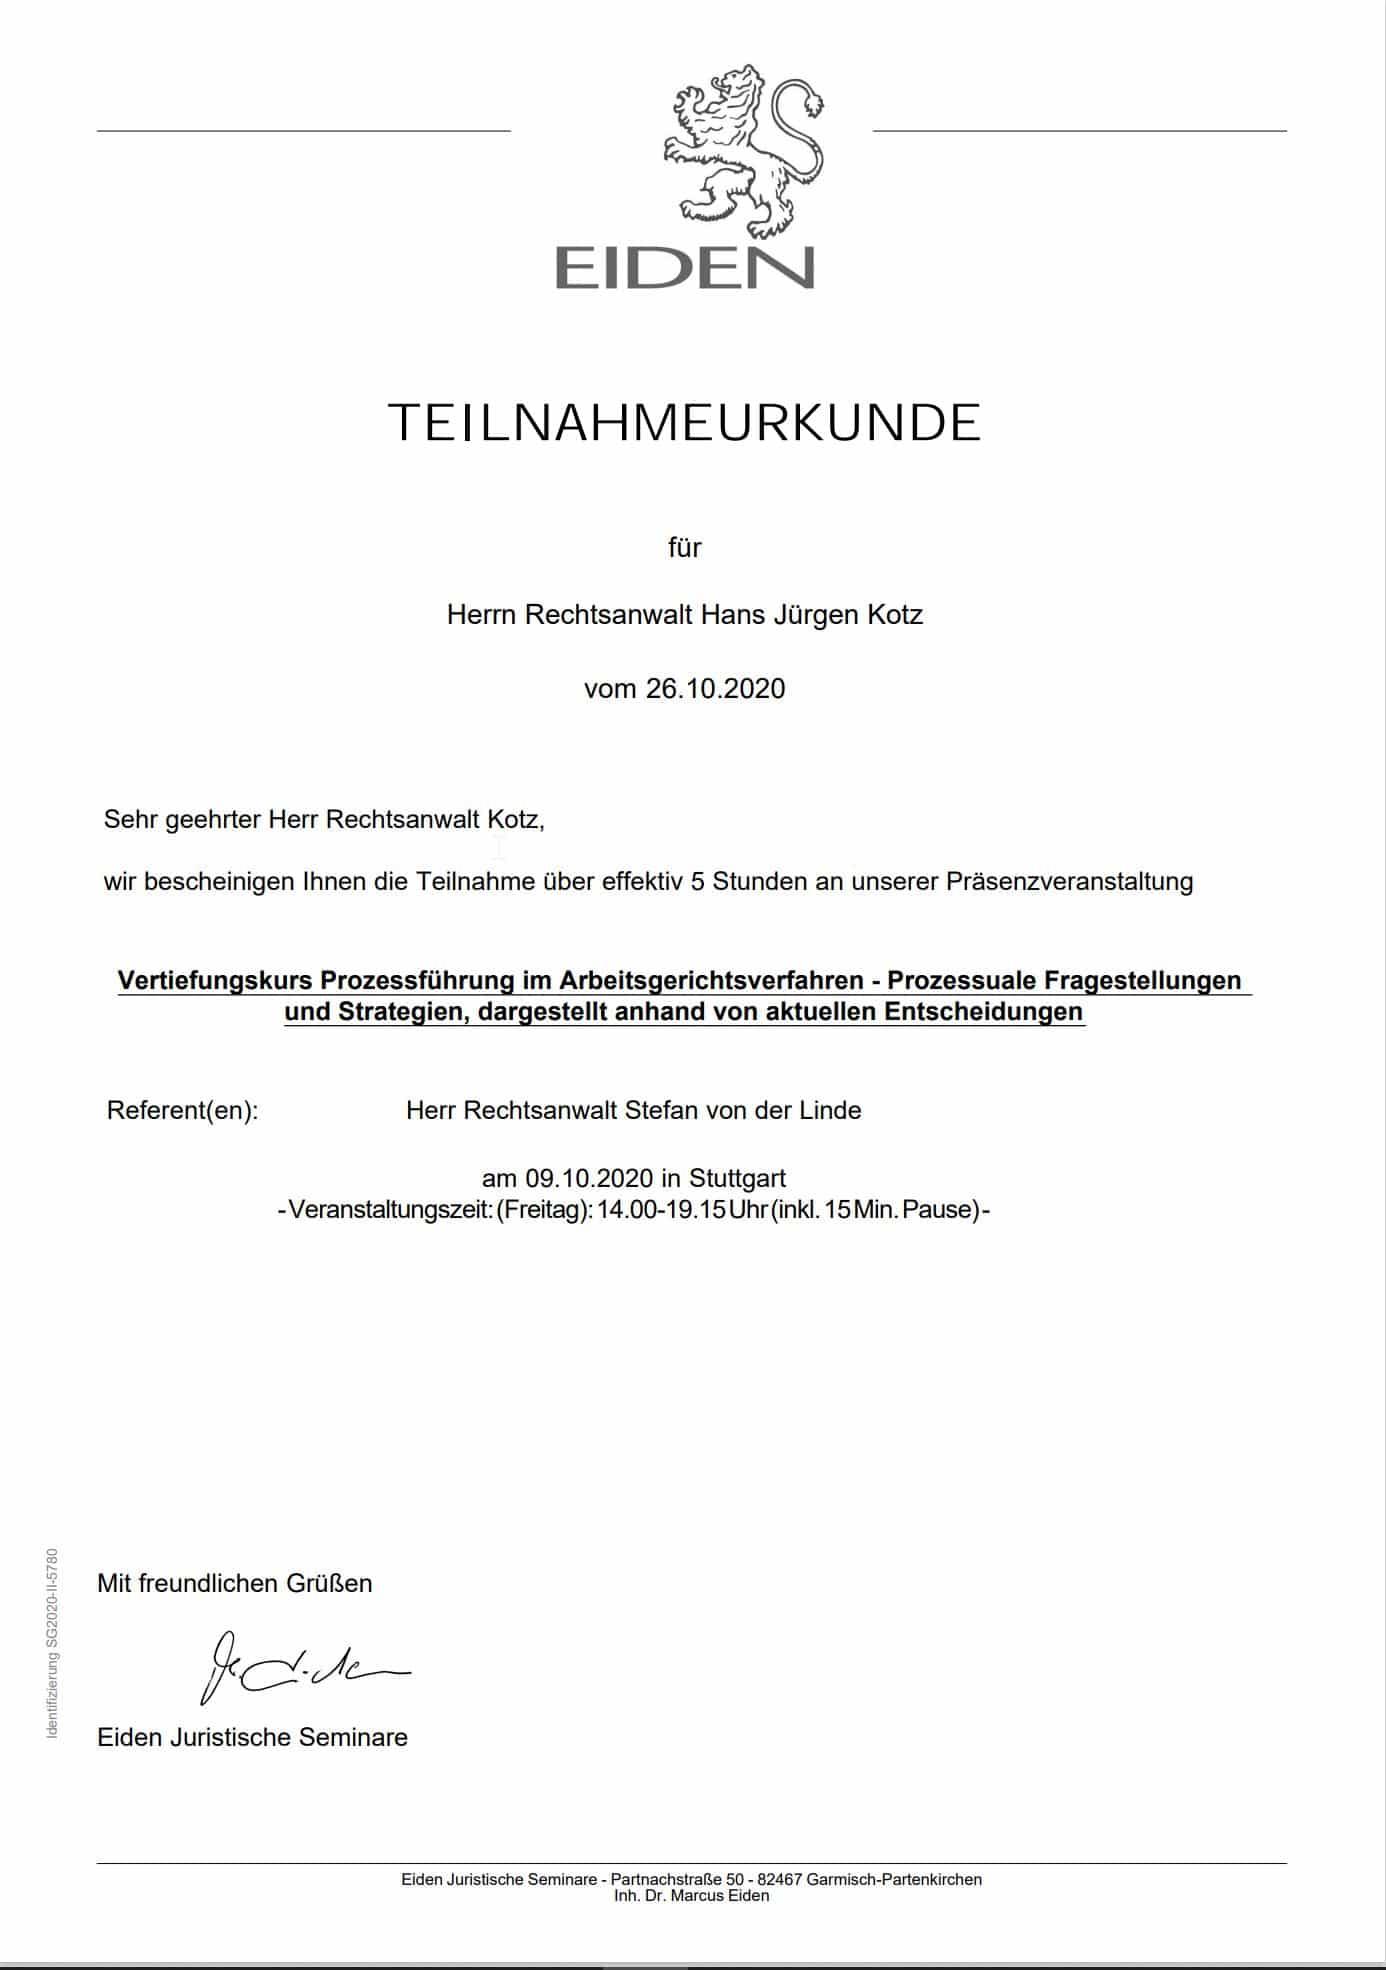 arbeitsrecht-hj-kotz-26102020-2